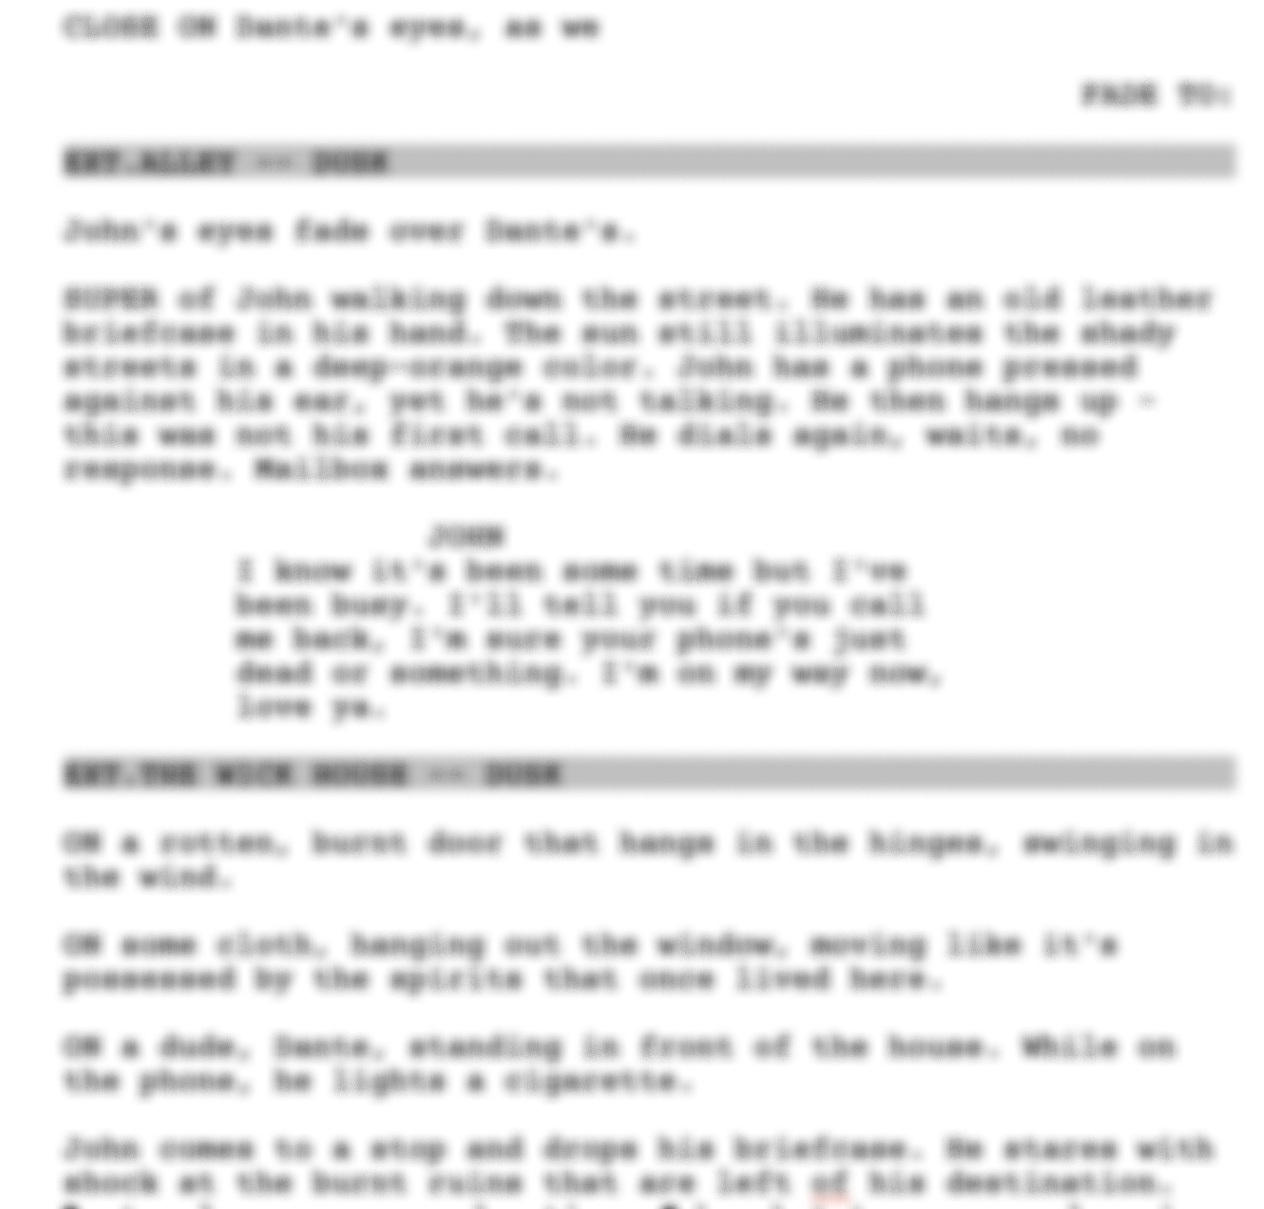 """JOHNNY (2018) - Basierend auf """"Scorn"""" von Derek Kolstad (später umbenannt in """"John Wick""""), wird hier die Geschichte des jungen John Wick erzählt, der in das Geschäft der Auftragsmörder und Kriminellen einsteigt - lange vor den Ereignissen in Scorn.Nachdem er emotional geladen einen Attentäter erschießt, der über seine Eltern herzieht, wird John von einem kriminellen Klan gekidnappt und zur Rede gestellt. Nur durch außergewöhnliche Rhetorik, kombiniert mit seinem Training im Nahkampf hat John eine Chance mit seinem Leben zu entkommen."""